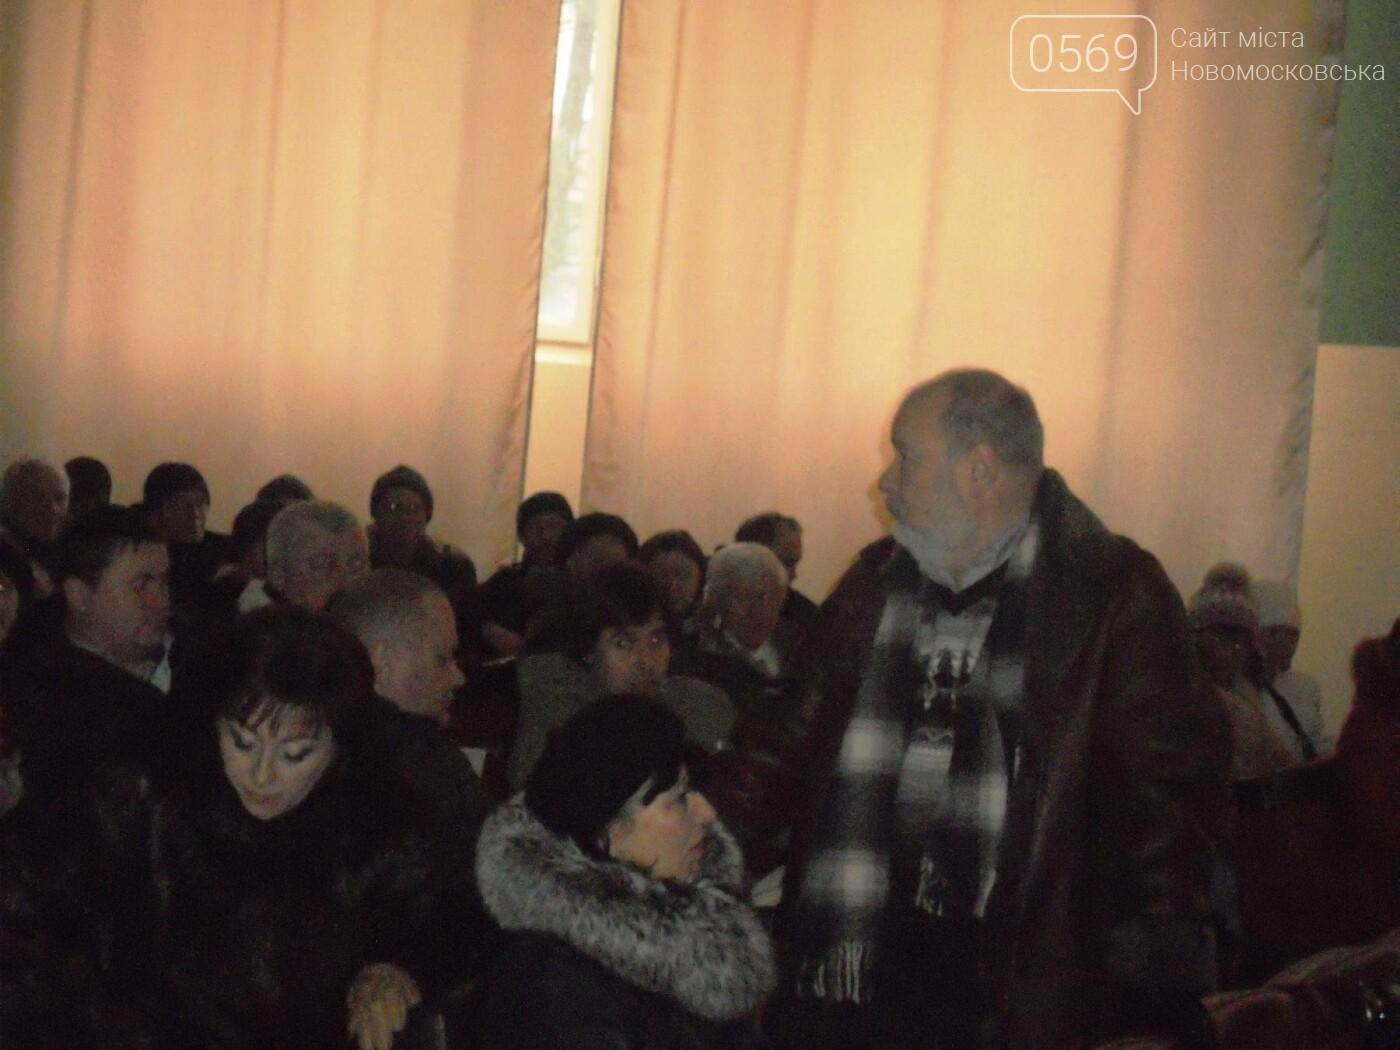 В Новомосковске снова вырастут тарифы на воду, фото-4